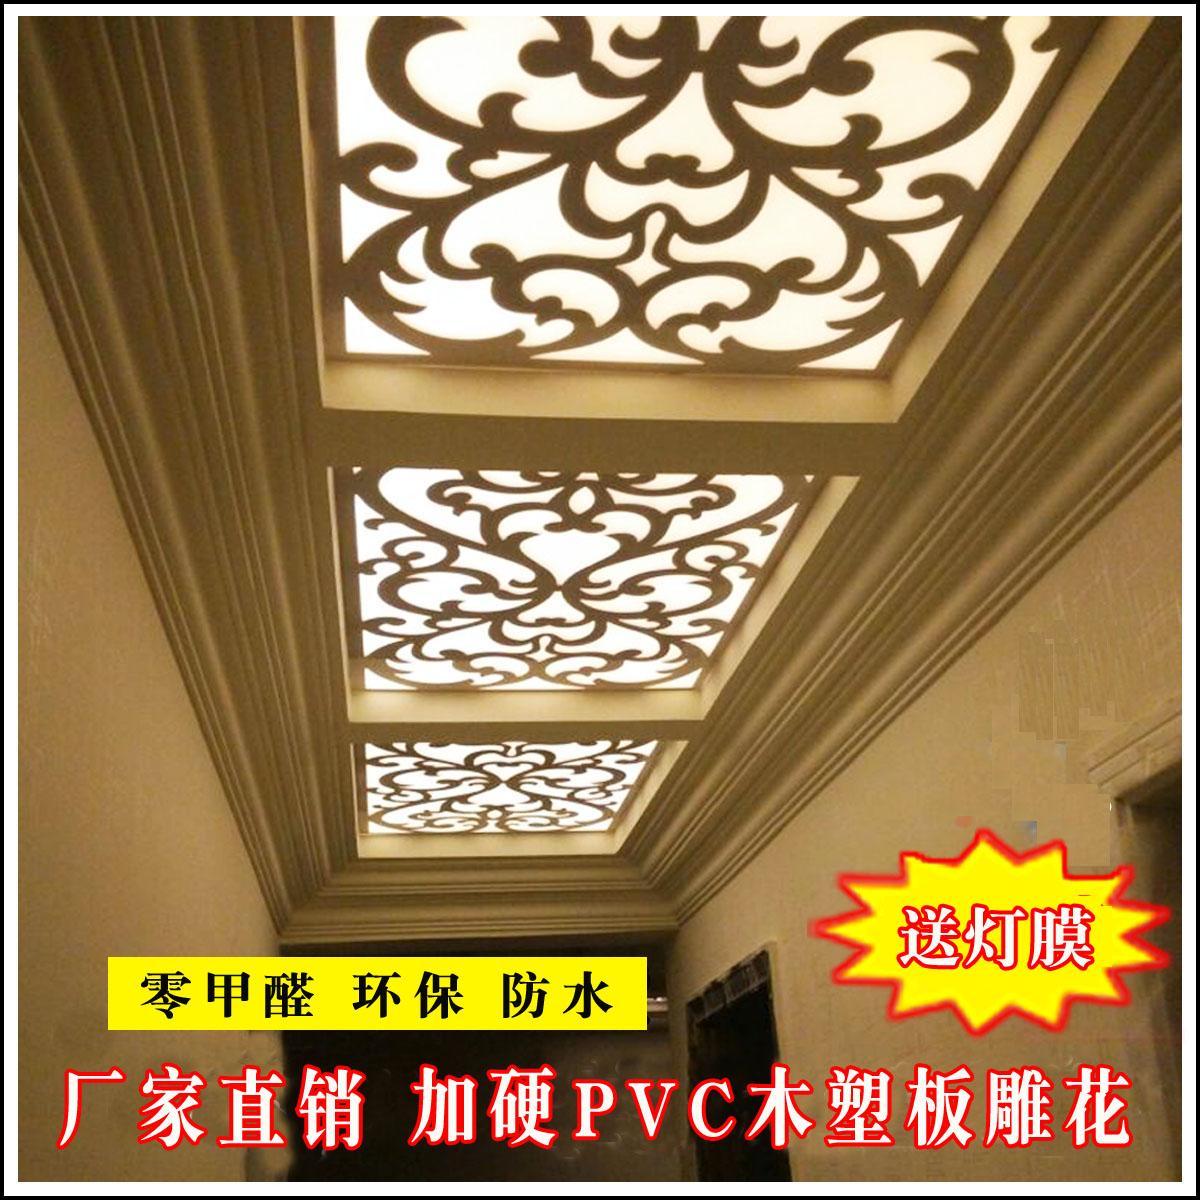 Высокая плотность PVC древесно - полимерных плита пирсинг резьба доска европейский цветы сетка потолок отрезать вход фон стена экран с помощью лампы мембрана